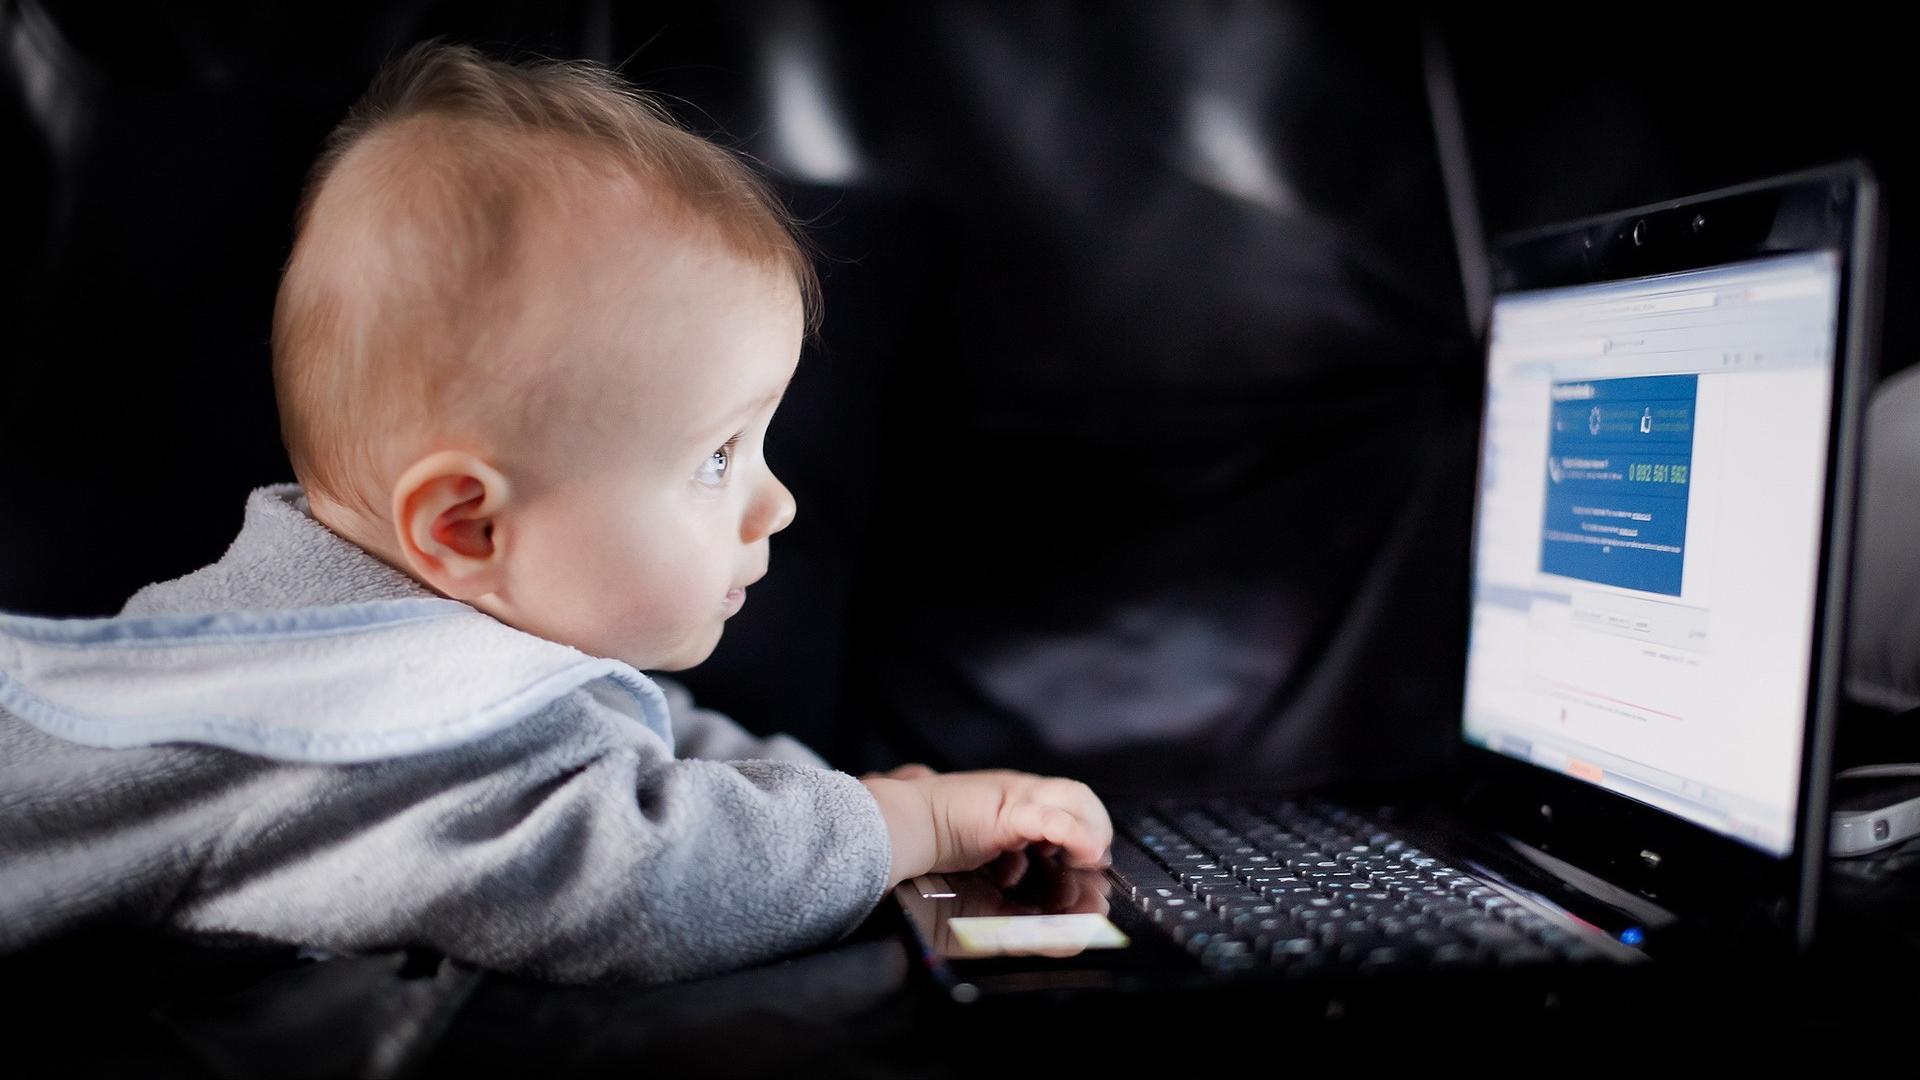 Baby Boy Wallpaper Hd Background Desktop   Wall Paper HD 1920x1080